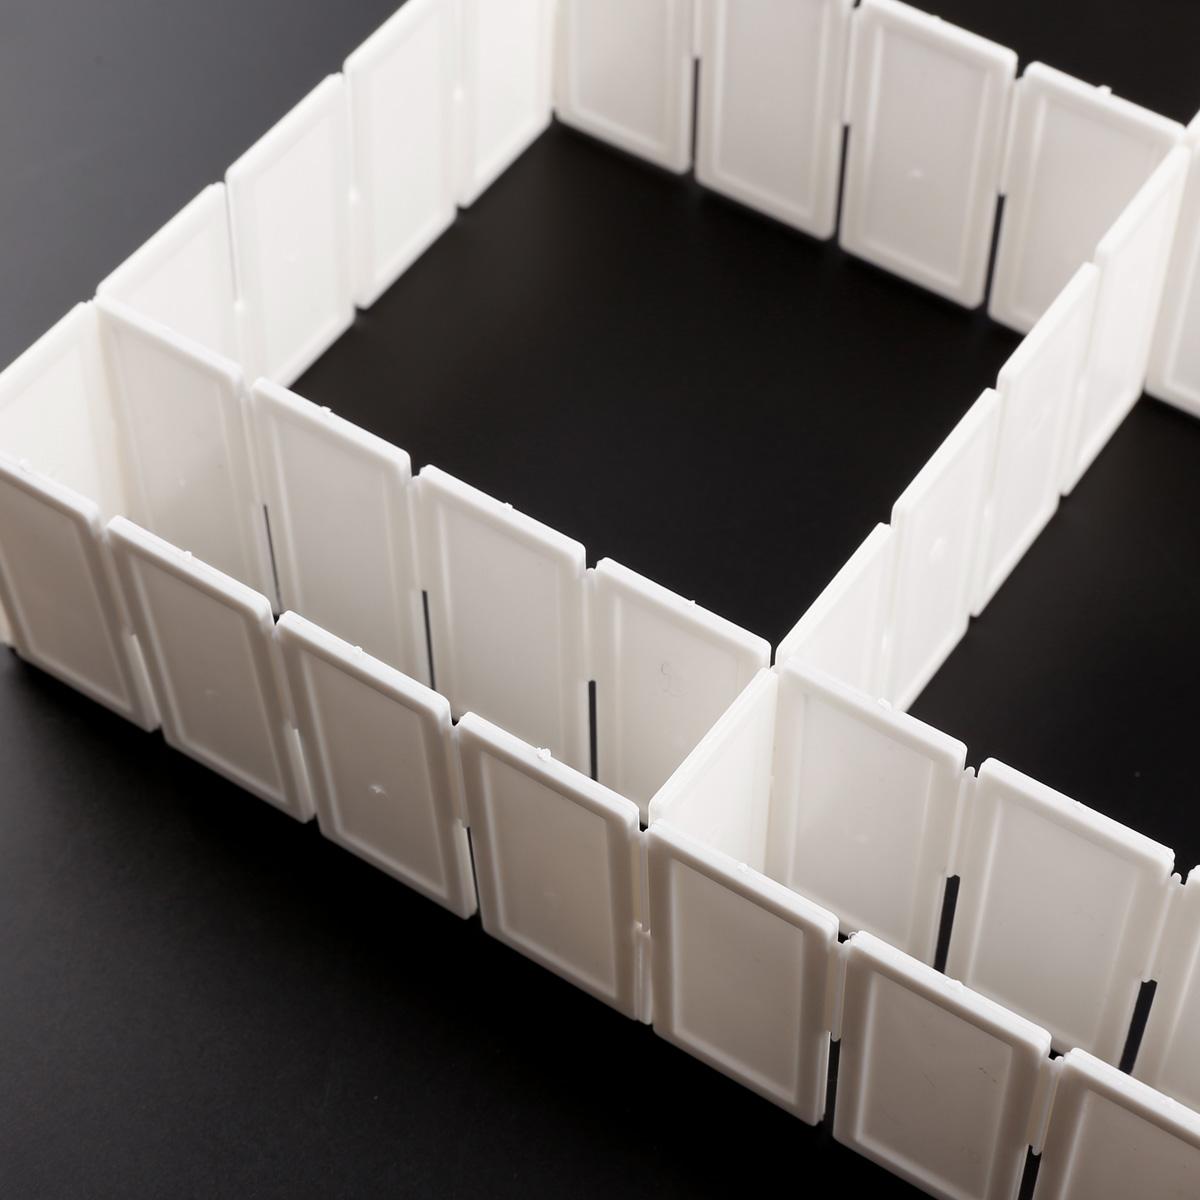 Plastic Drawer Storage Organizer Home Kitchen Partition